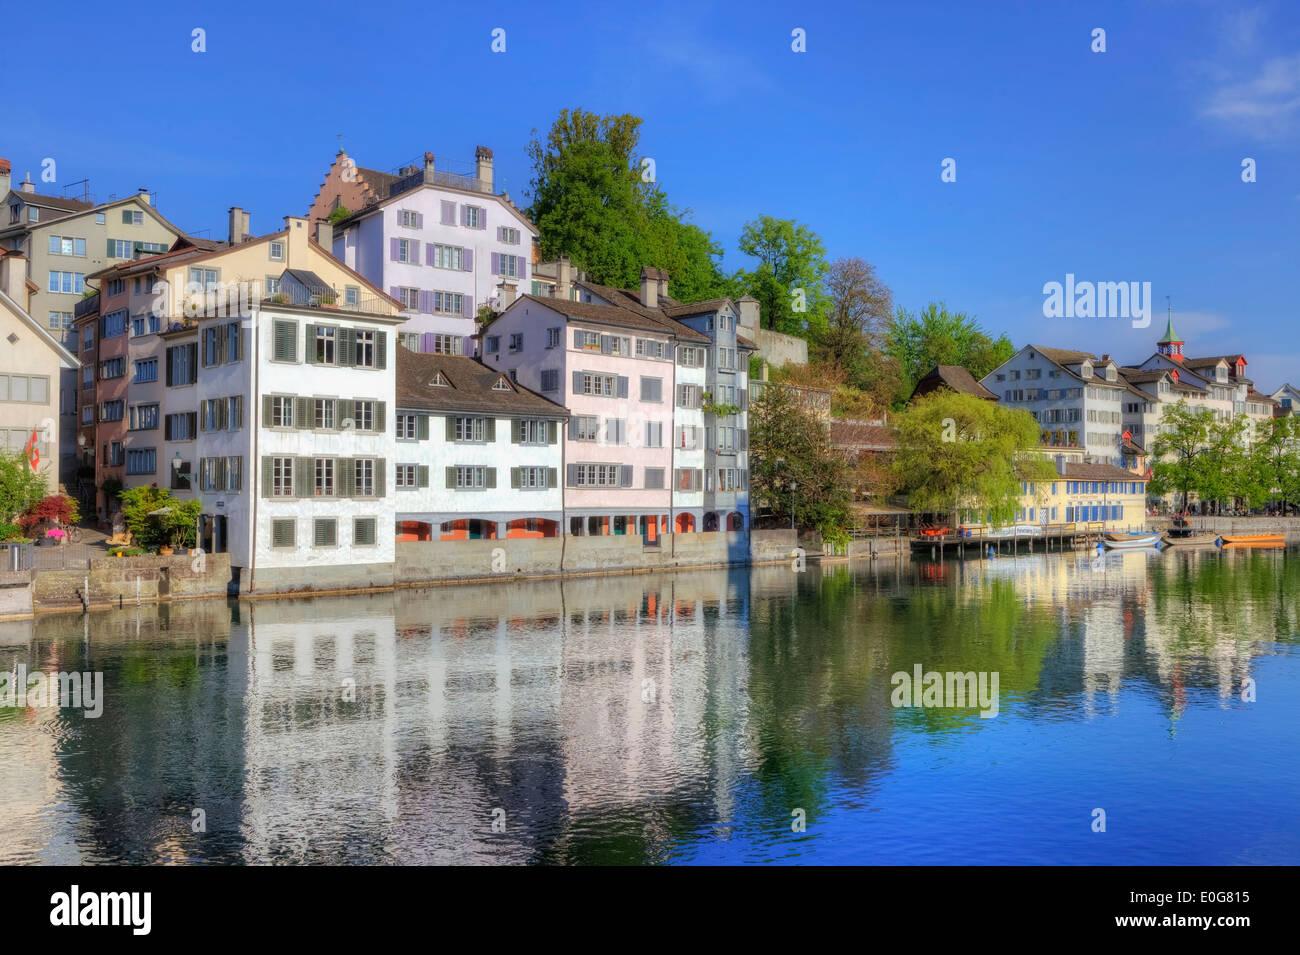 Zurich, Schipfe, old town, Limmat, Switzerland Stock Photo